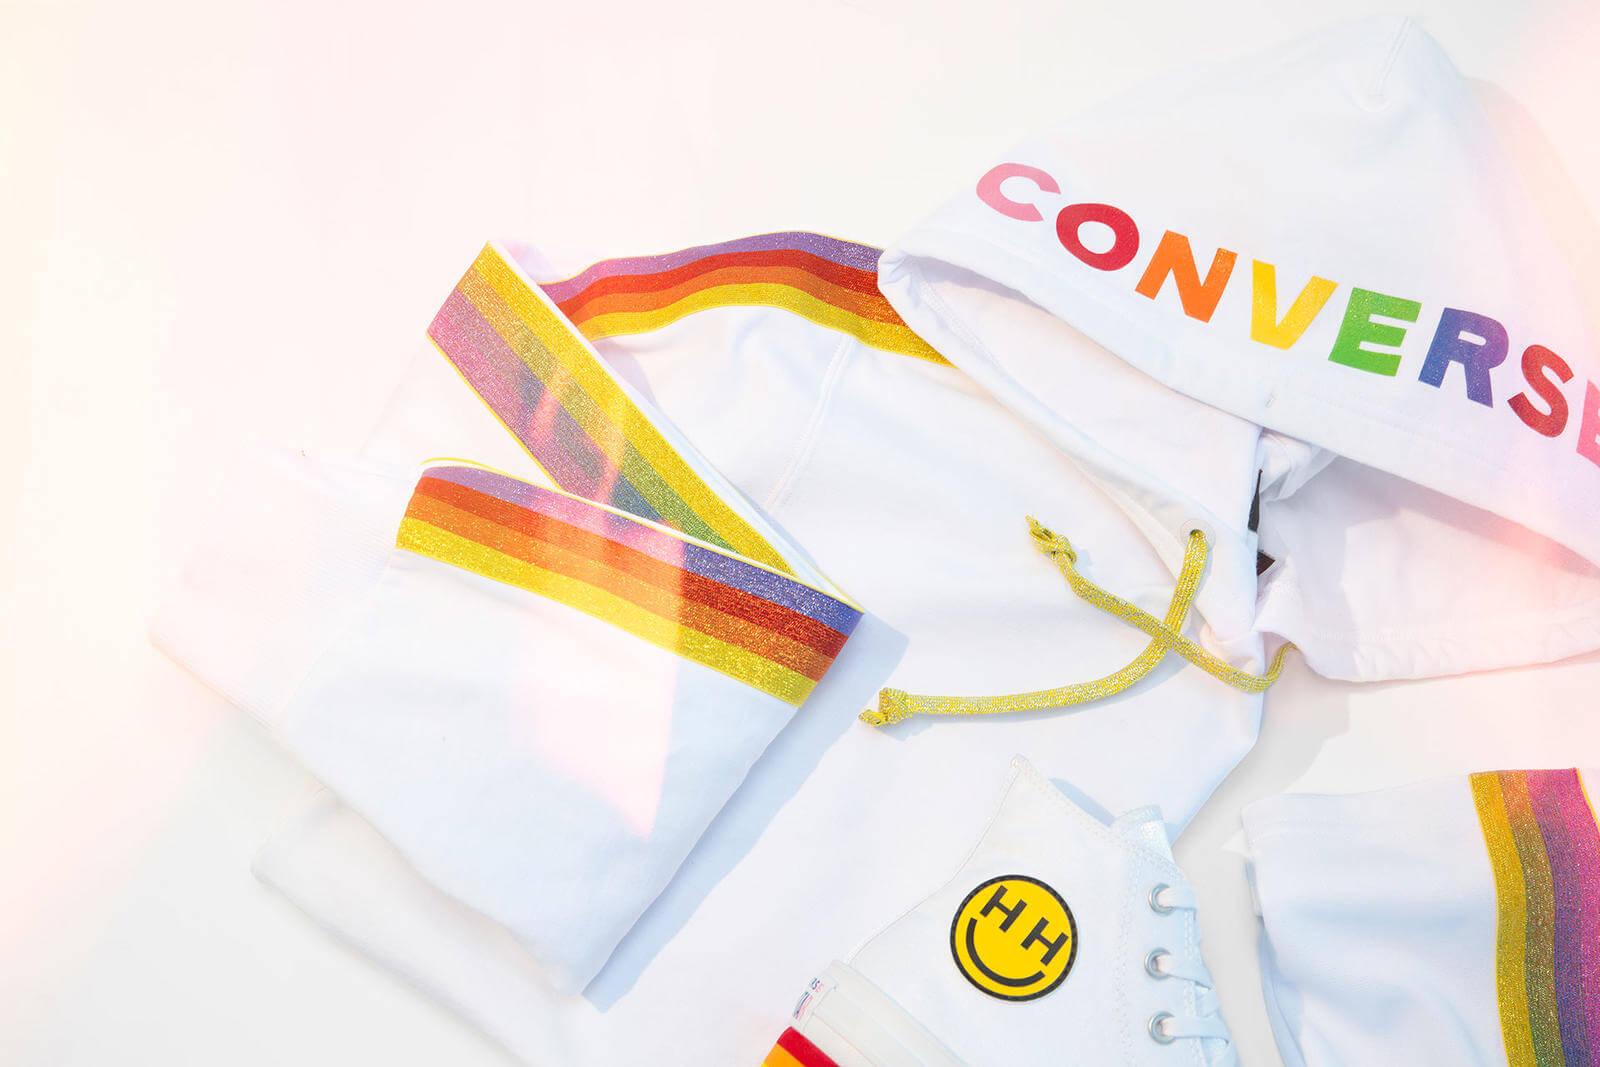 Converse x Pride 2018 by Miley Cyrus. Fotografía: Converse